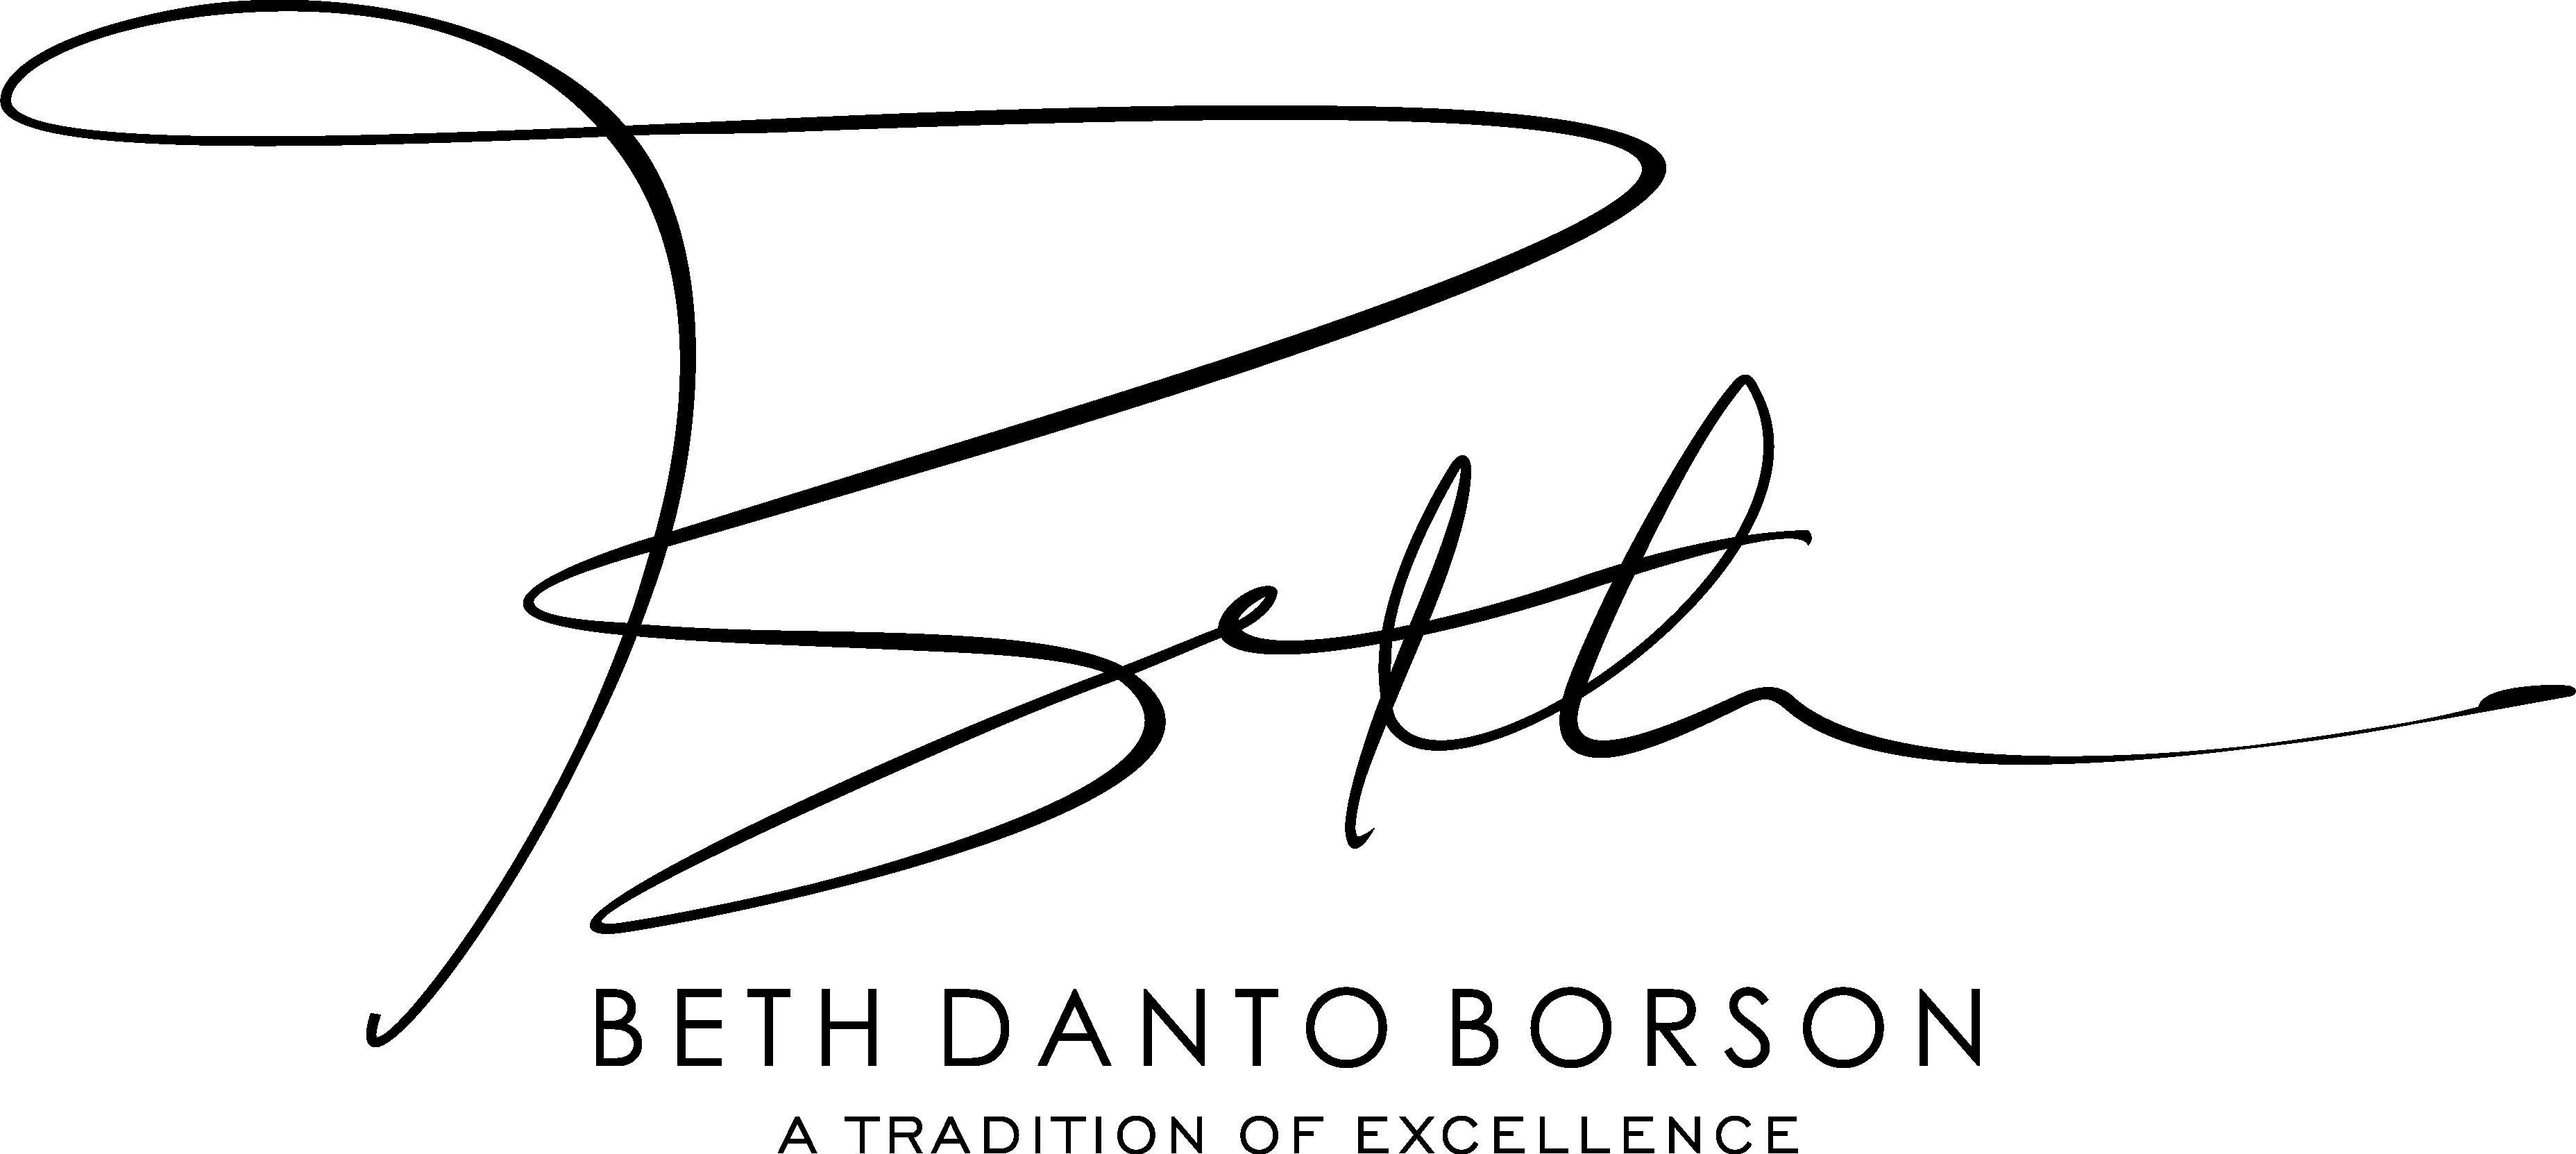 Beth Danto Borson